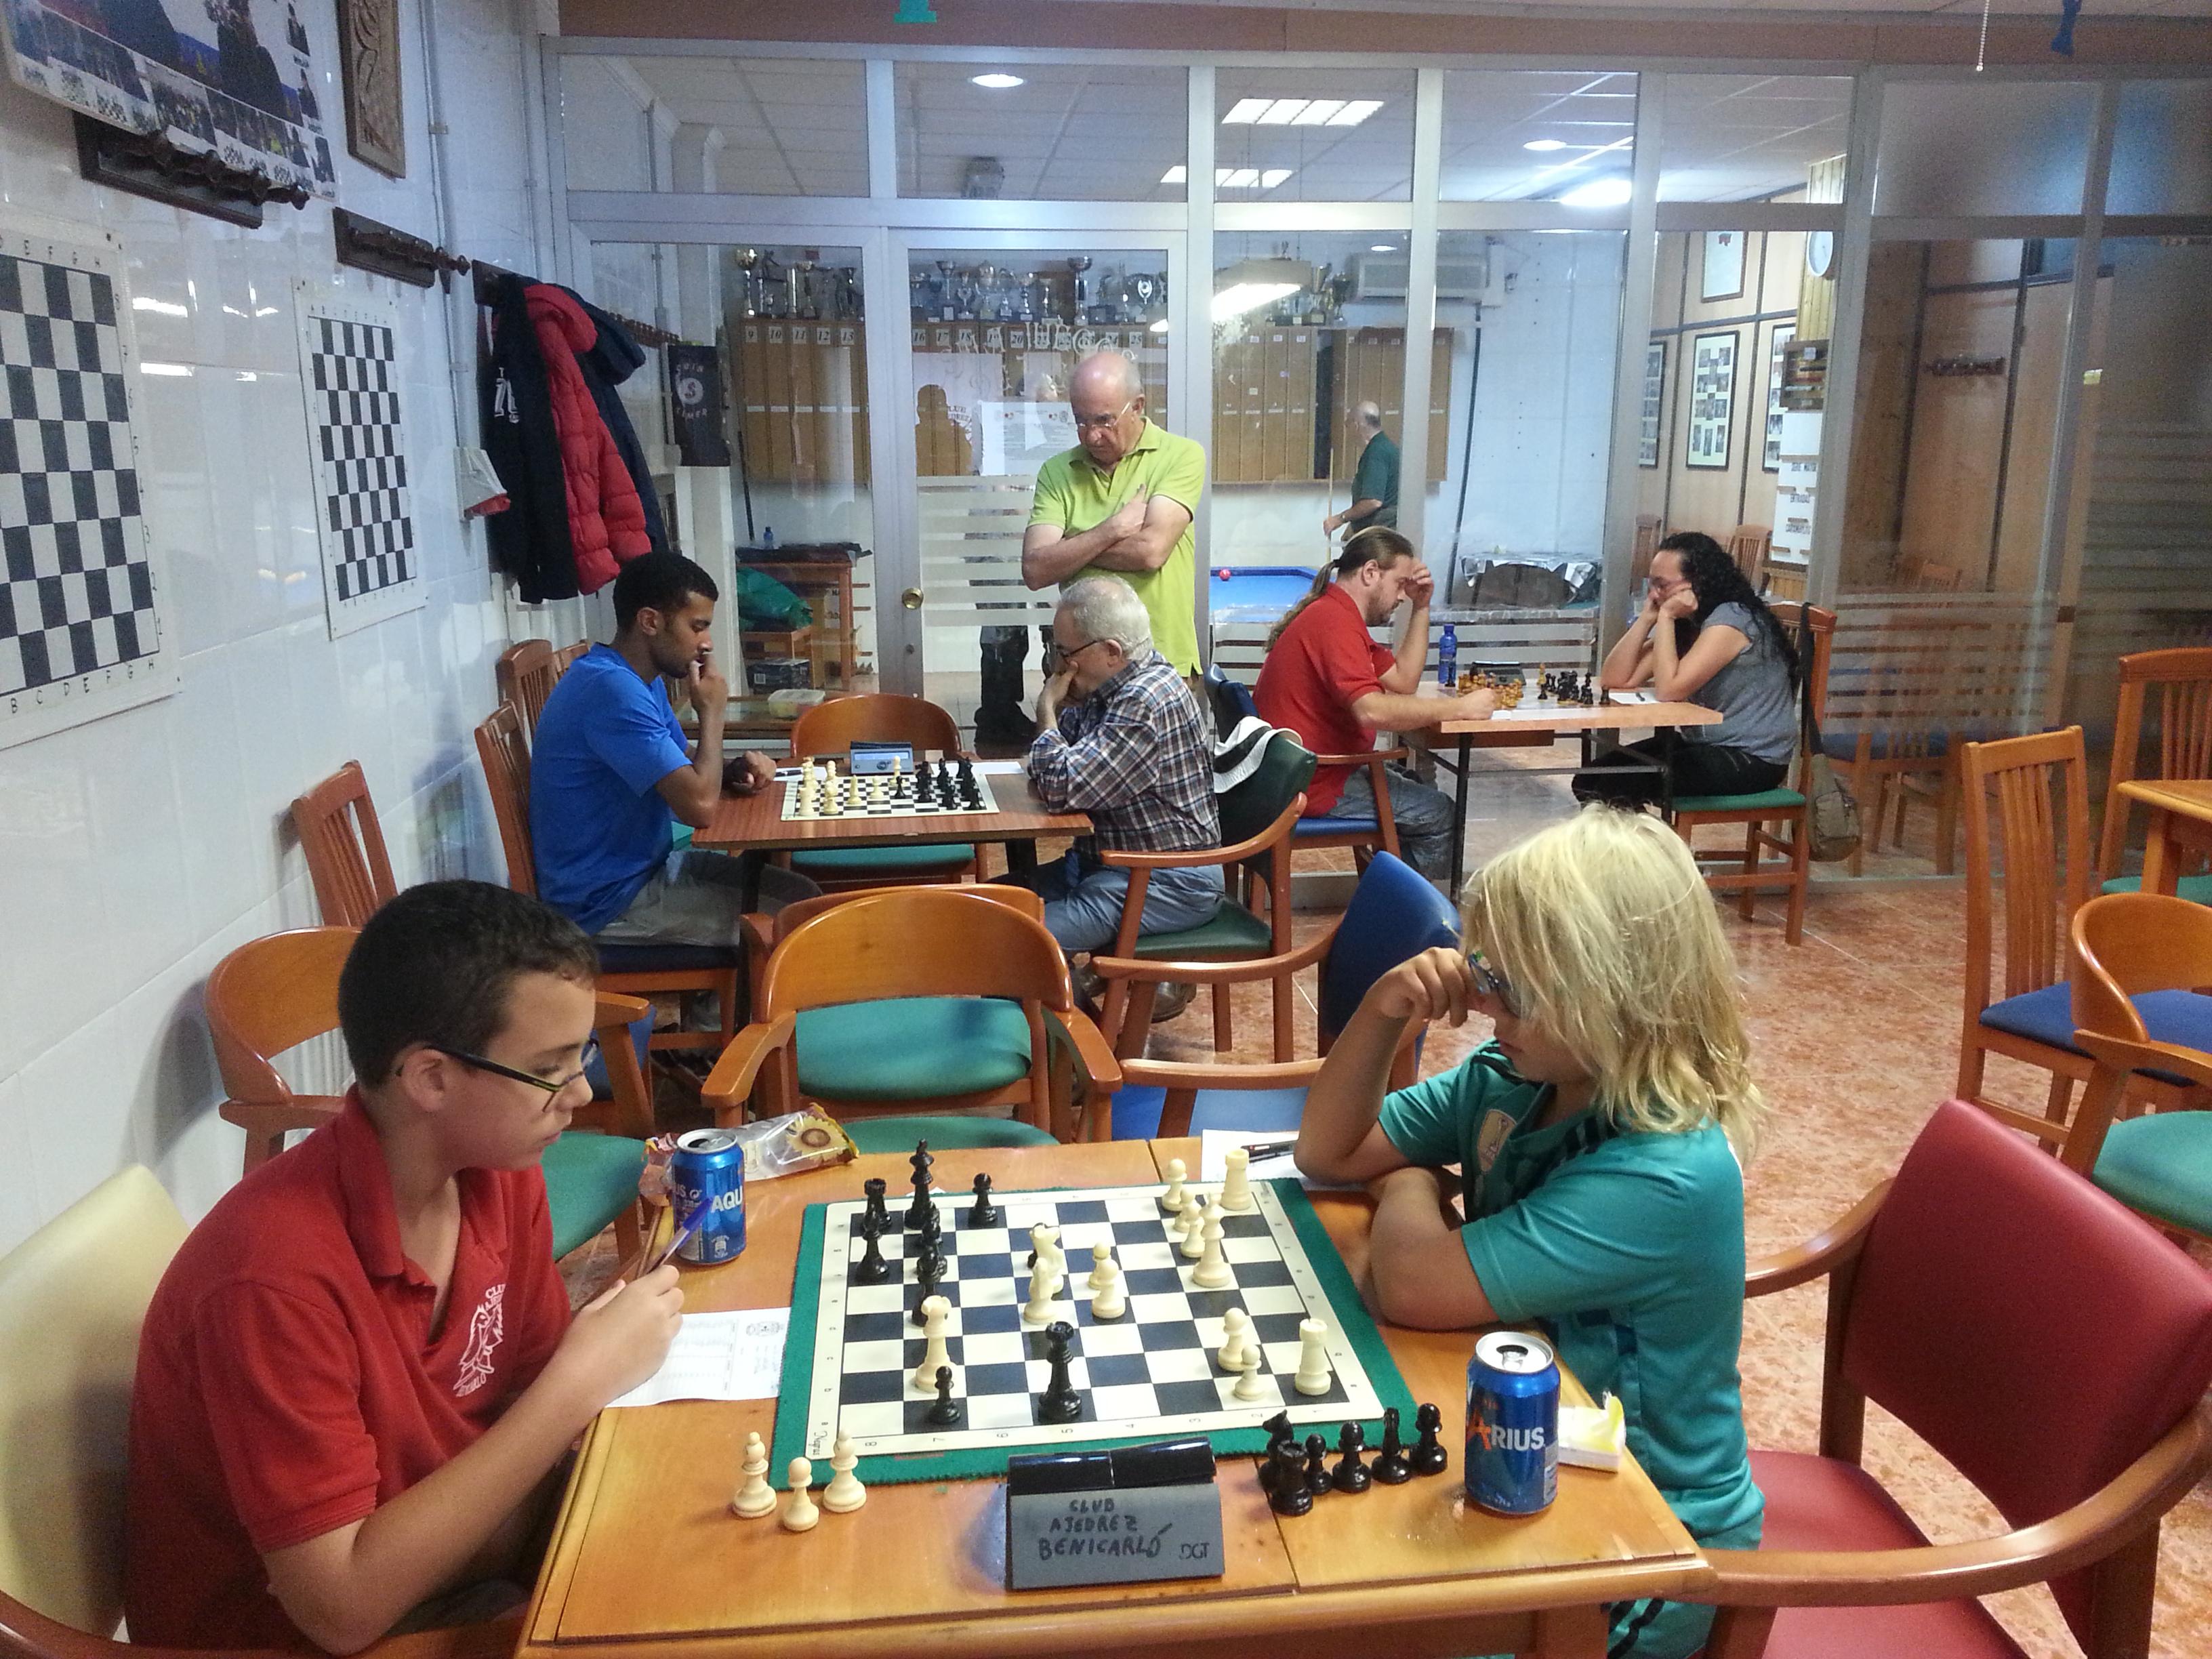 Benicarló, continua el Torneig Social d'Escacs 2017 amb la disputa de la segona ronda